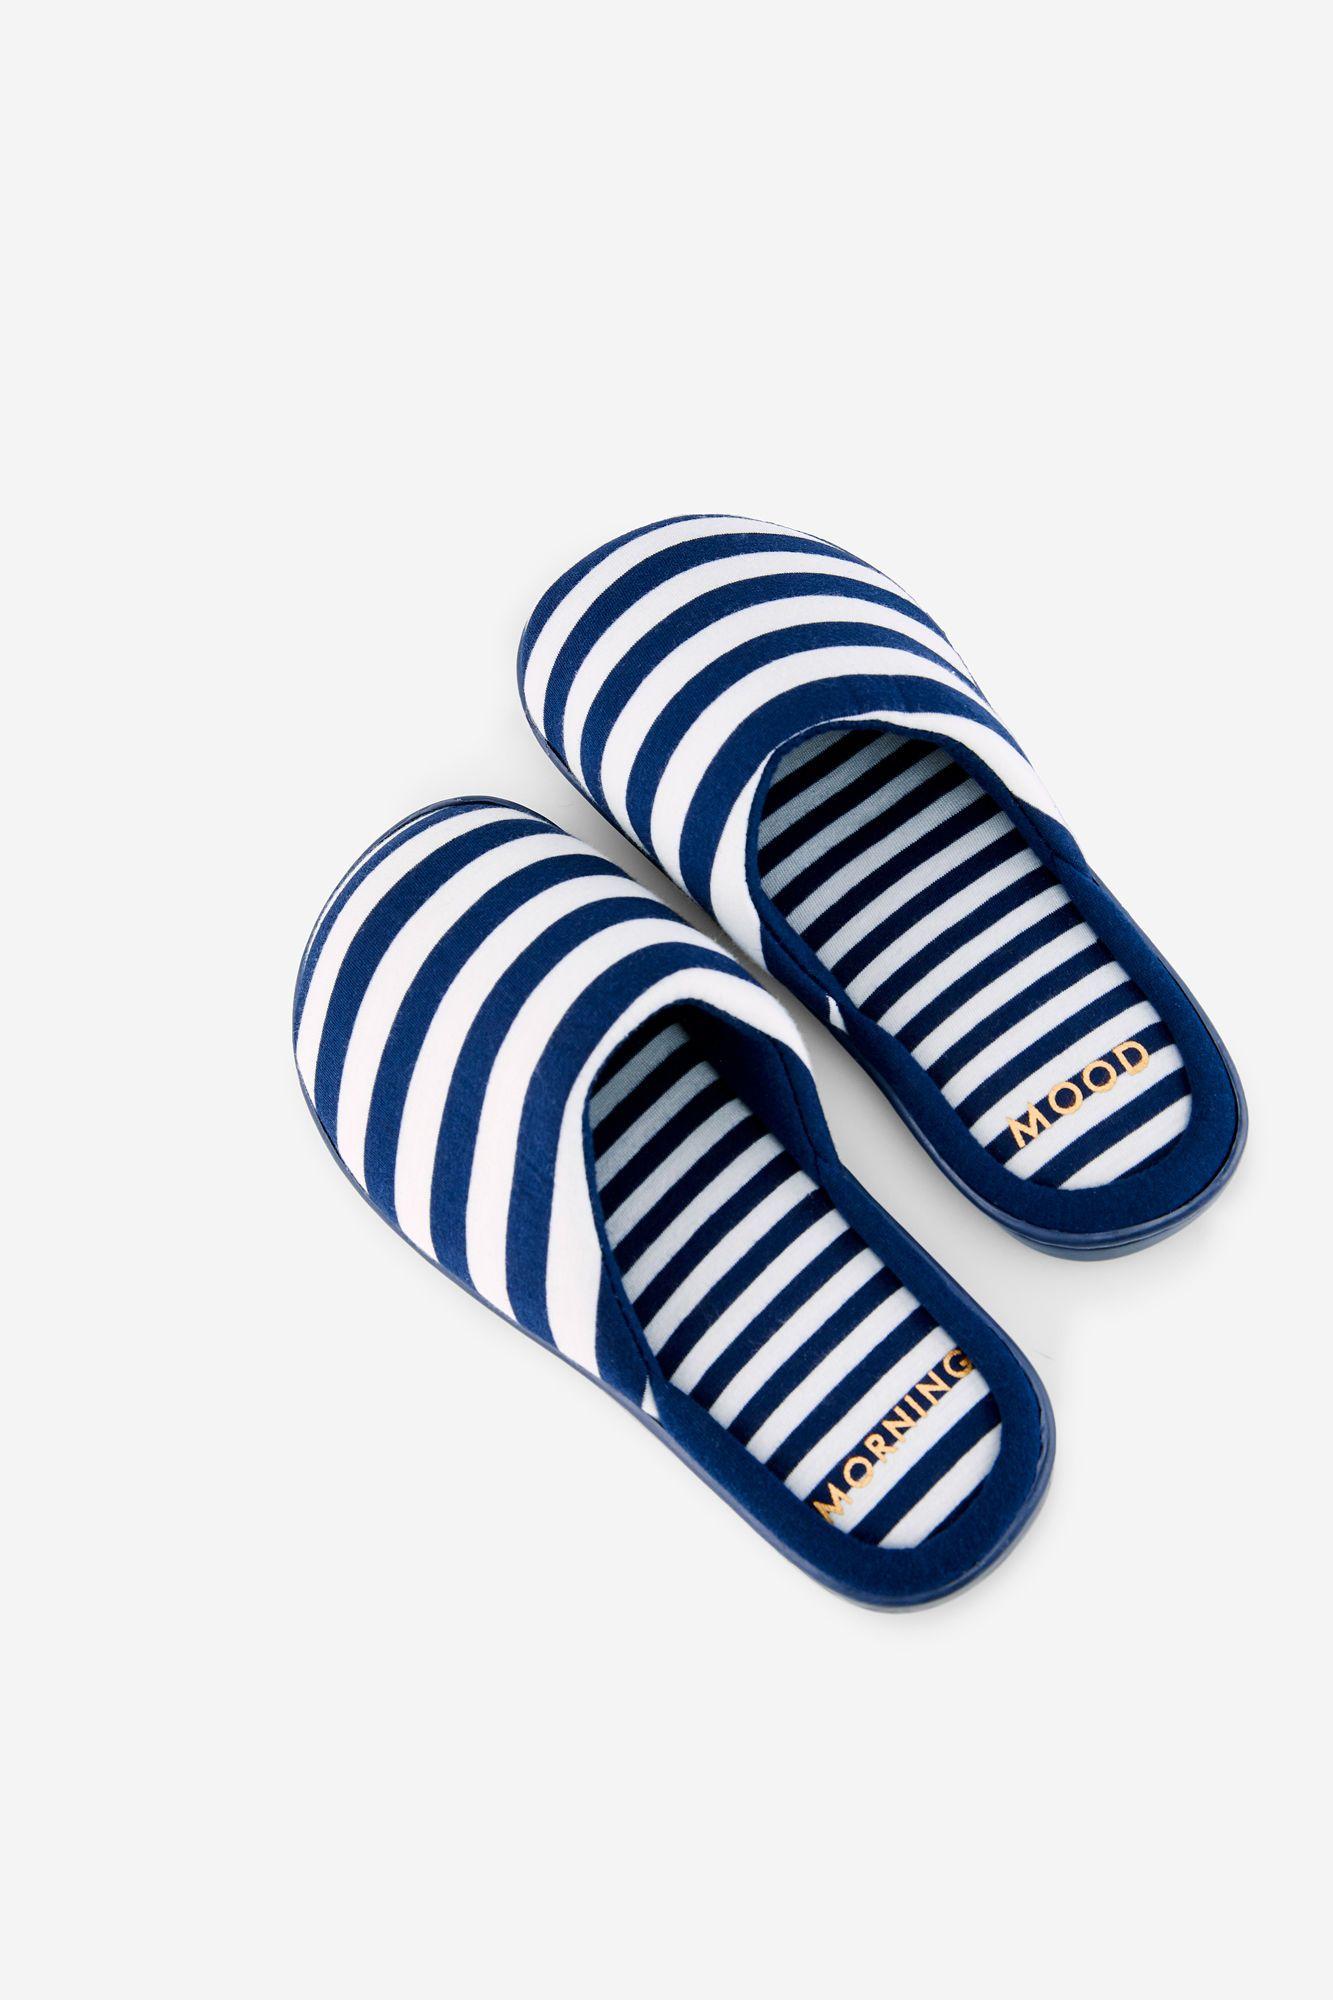 ropa deportiva de alto rendimiento vendible online aquí Womensecret Zapatillas rayas de Miffy azul   Pijamas ...